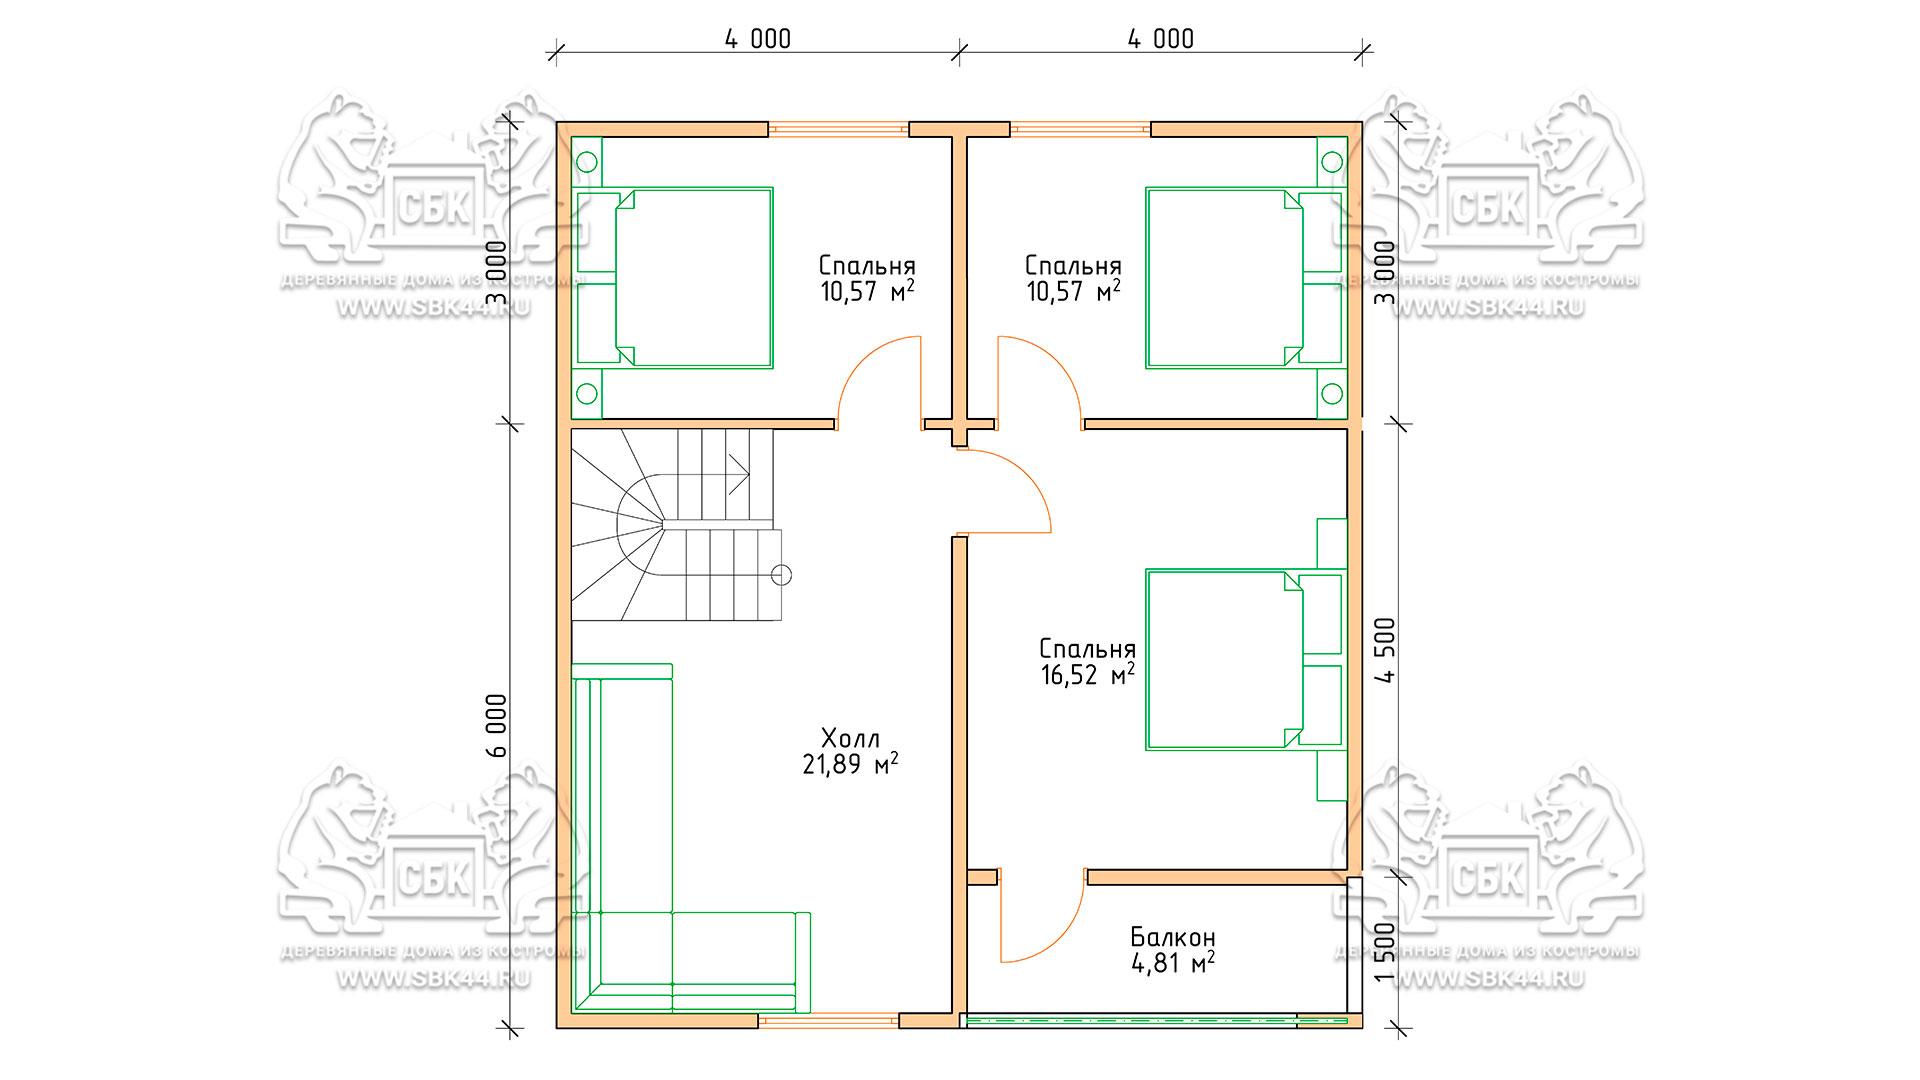 Проект дома из бруса в 13,5 х 9 м «Первый» - с гаражом - План - 2-го этажа